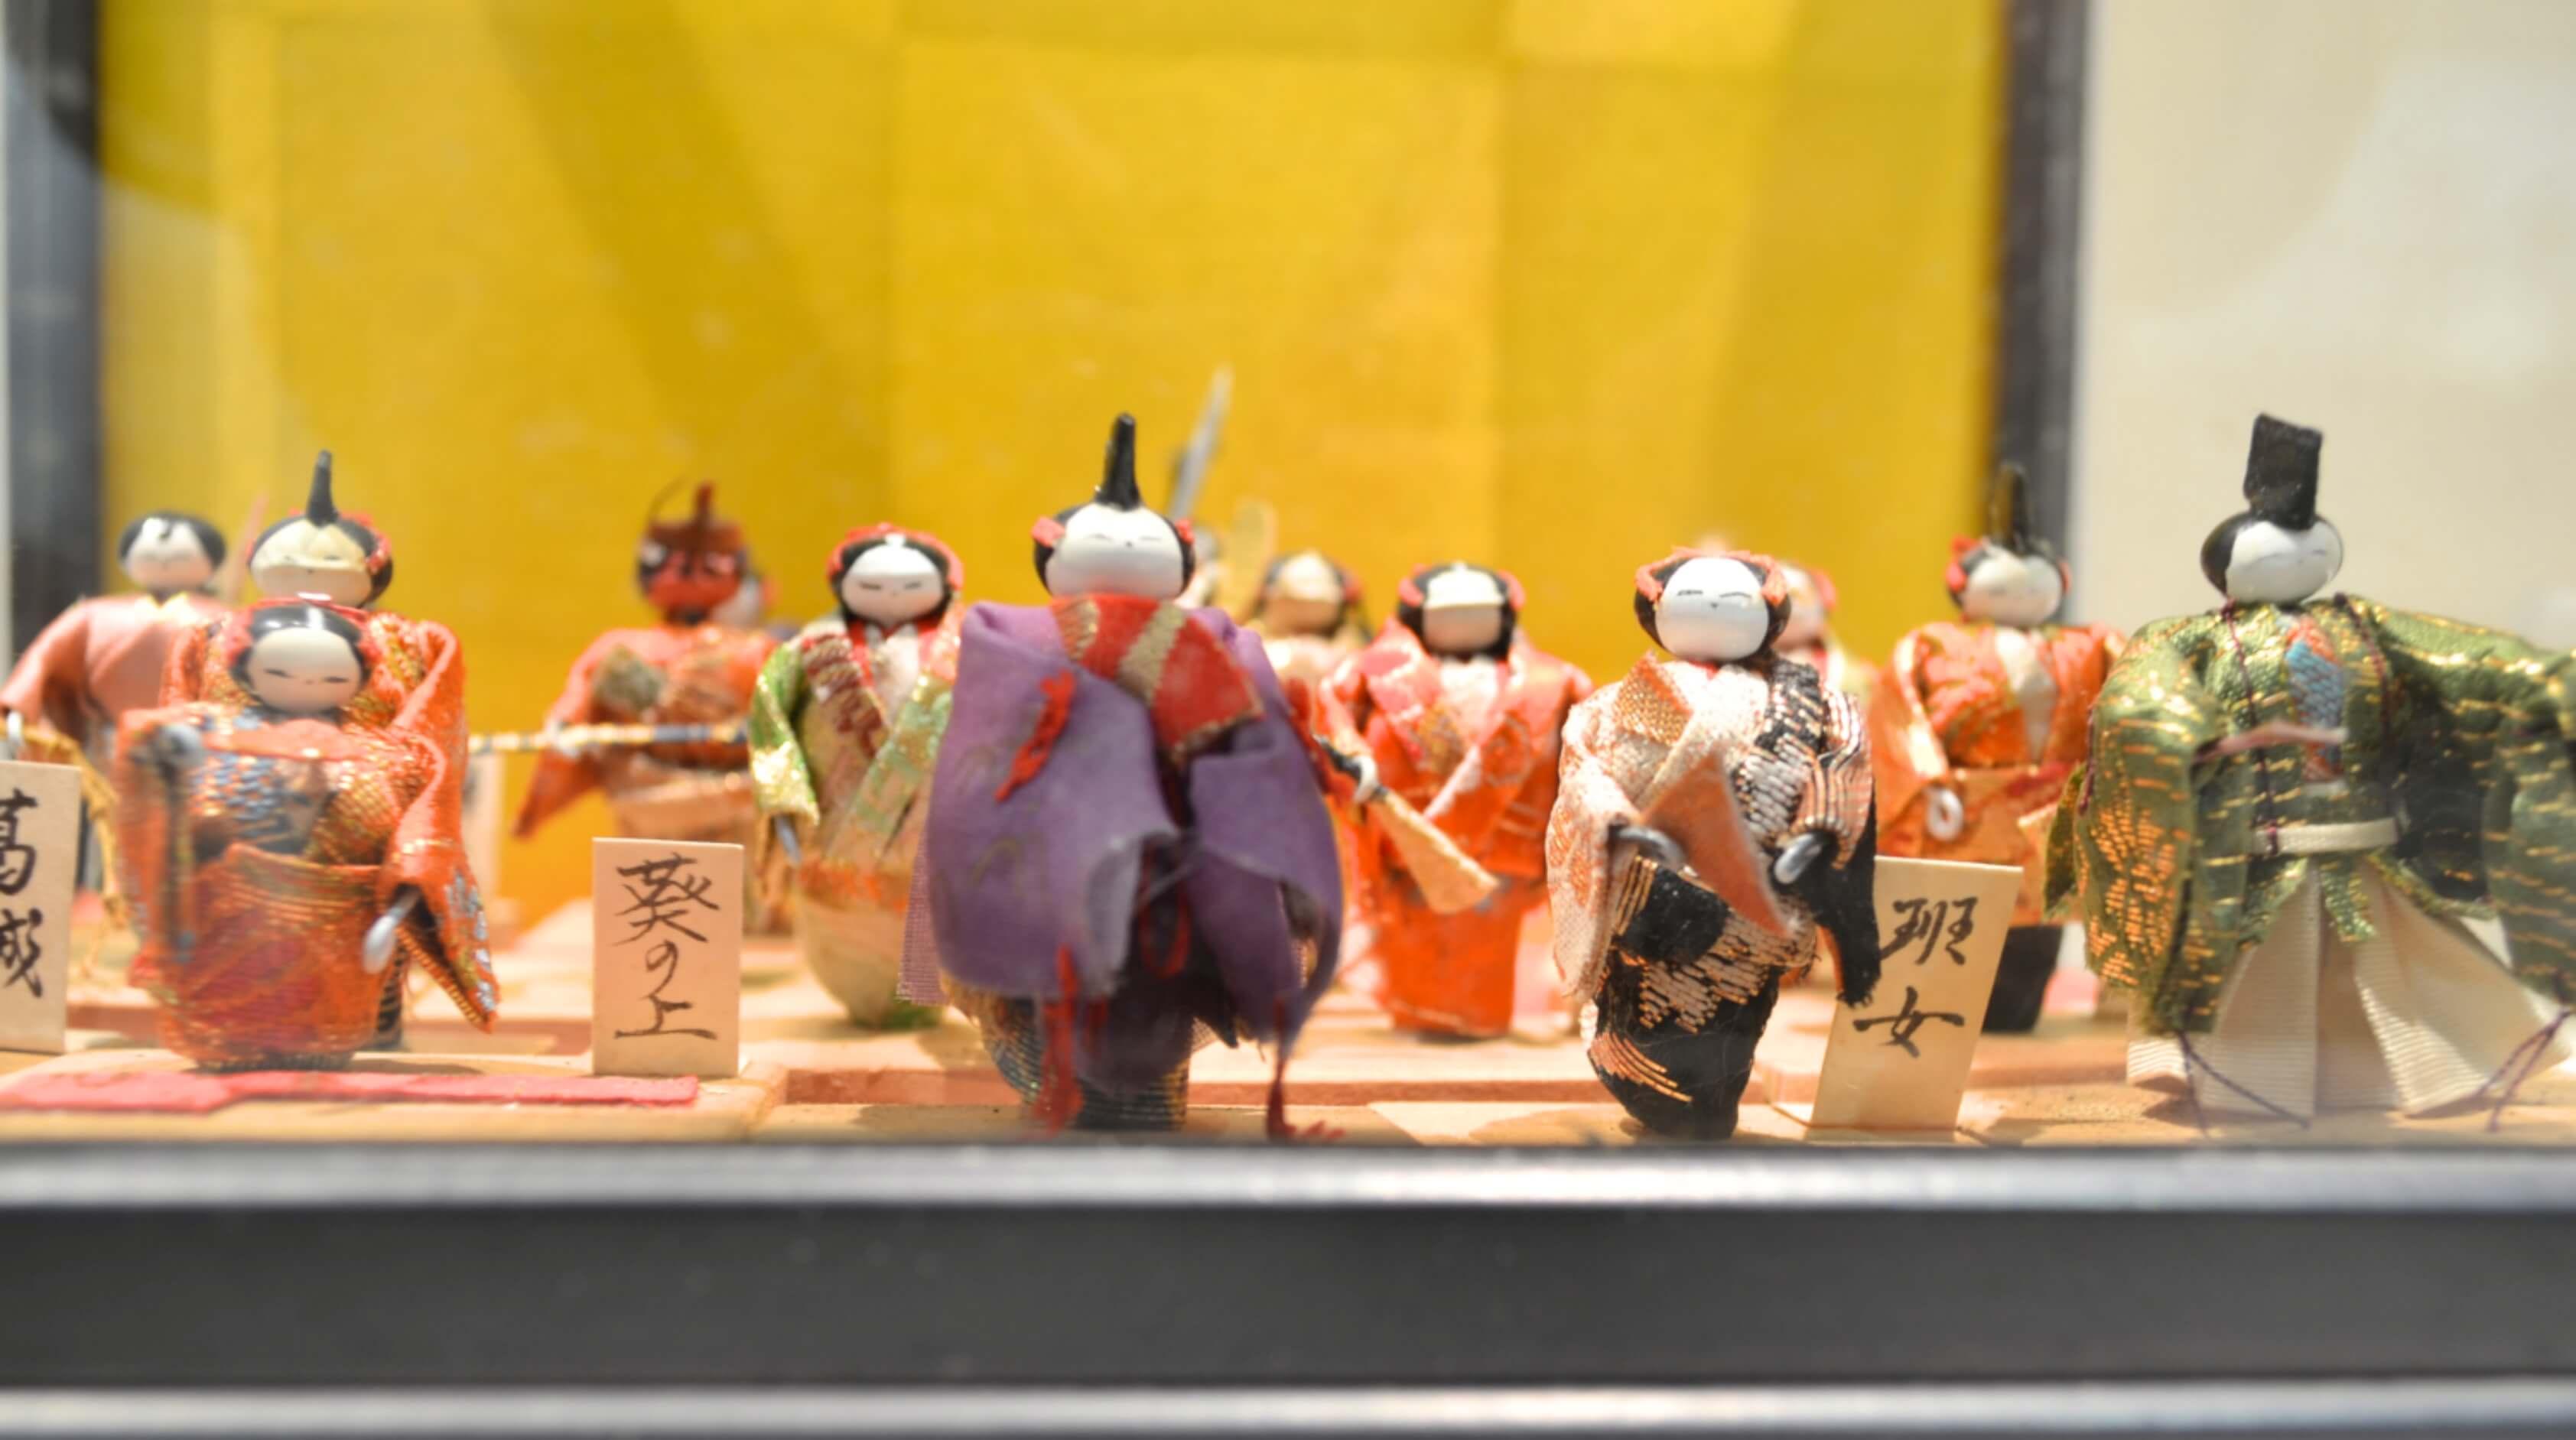 【~3/15(水)まで】志布志のひな人形展が想像以上に面白いよ!